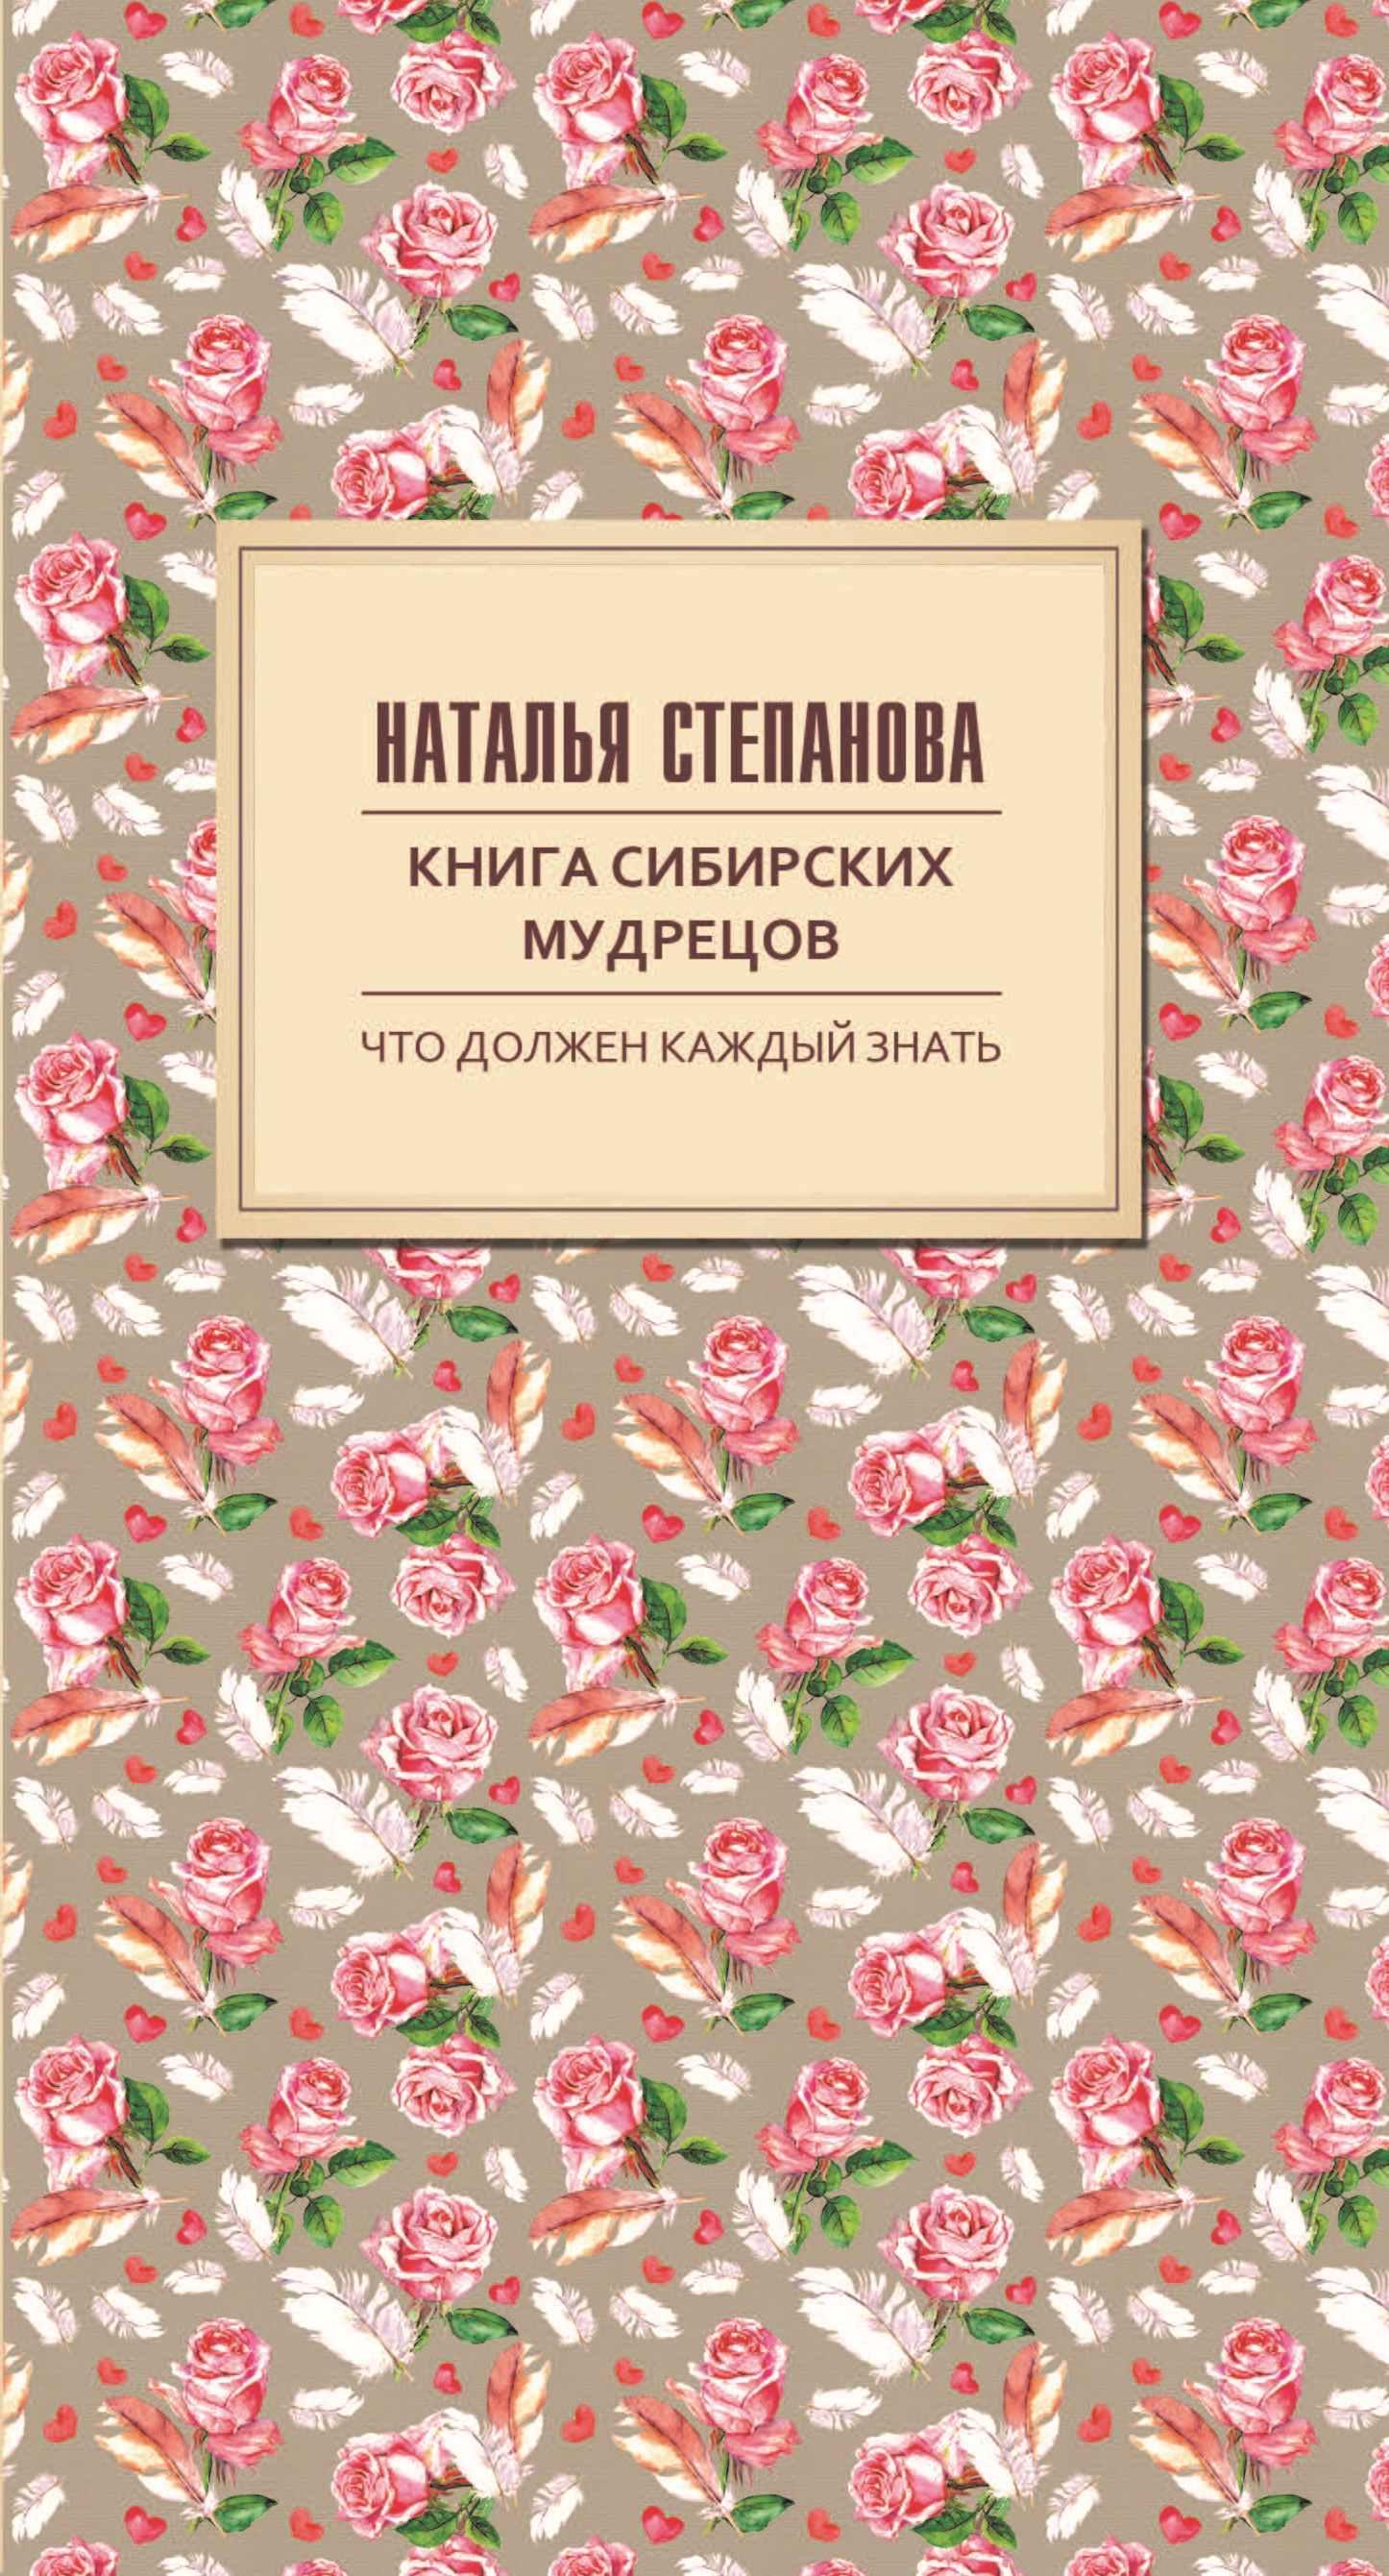 Степанова Н.И. Книга сибирских мудрецов. Советы пожилым